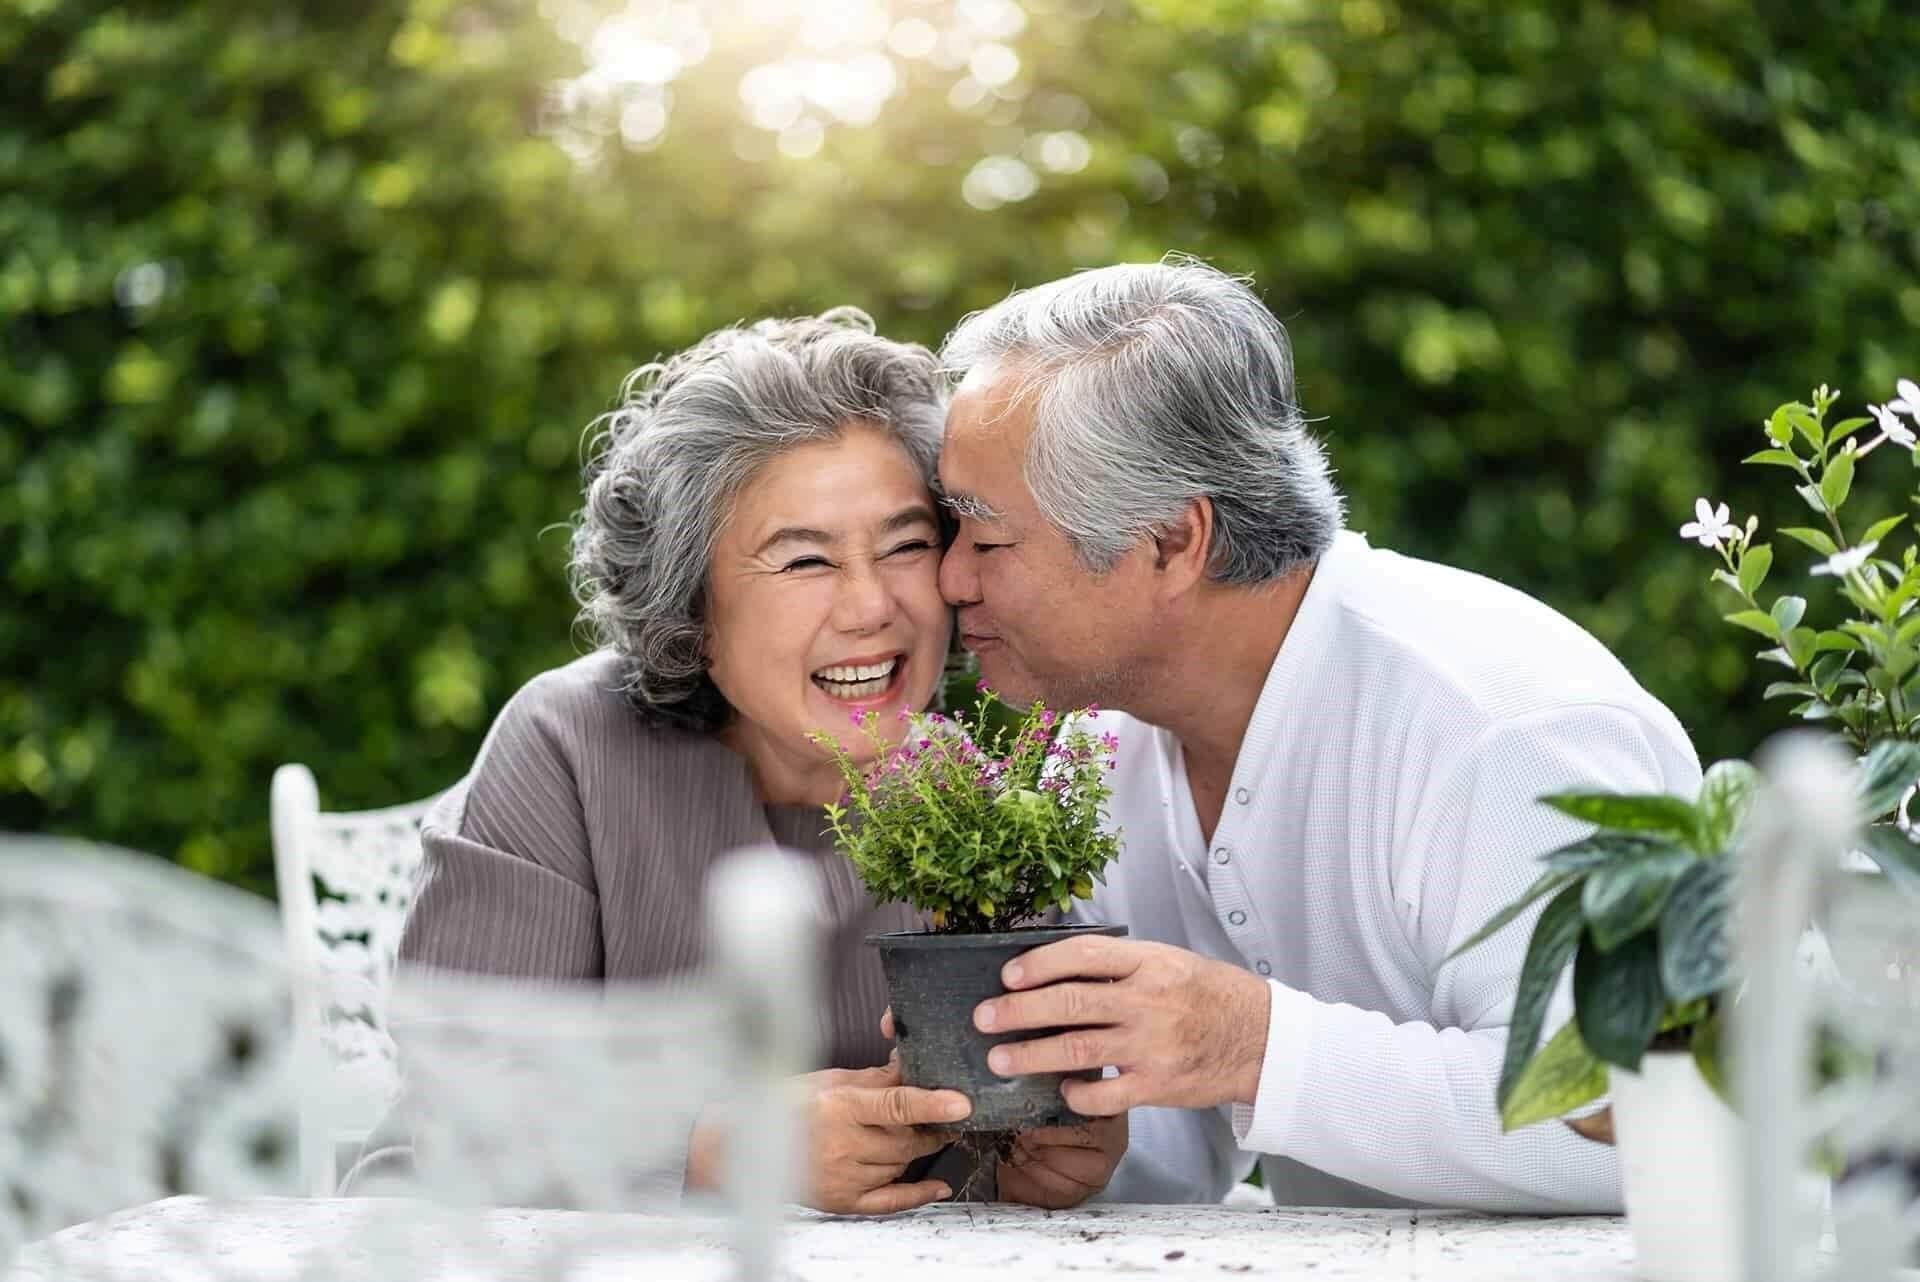 Tiếp tục làm việc mình yêu thích sau khi nghỉ hưu là chìa khóa để gia tăng tuổi thọ